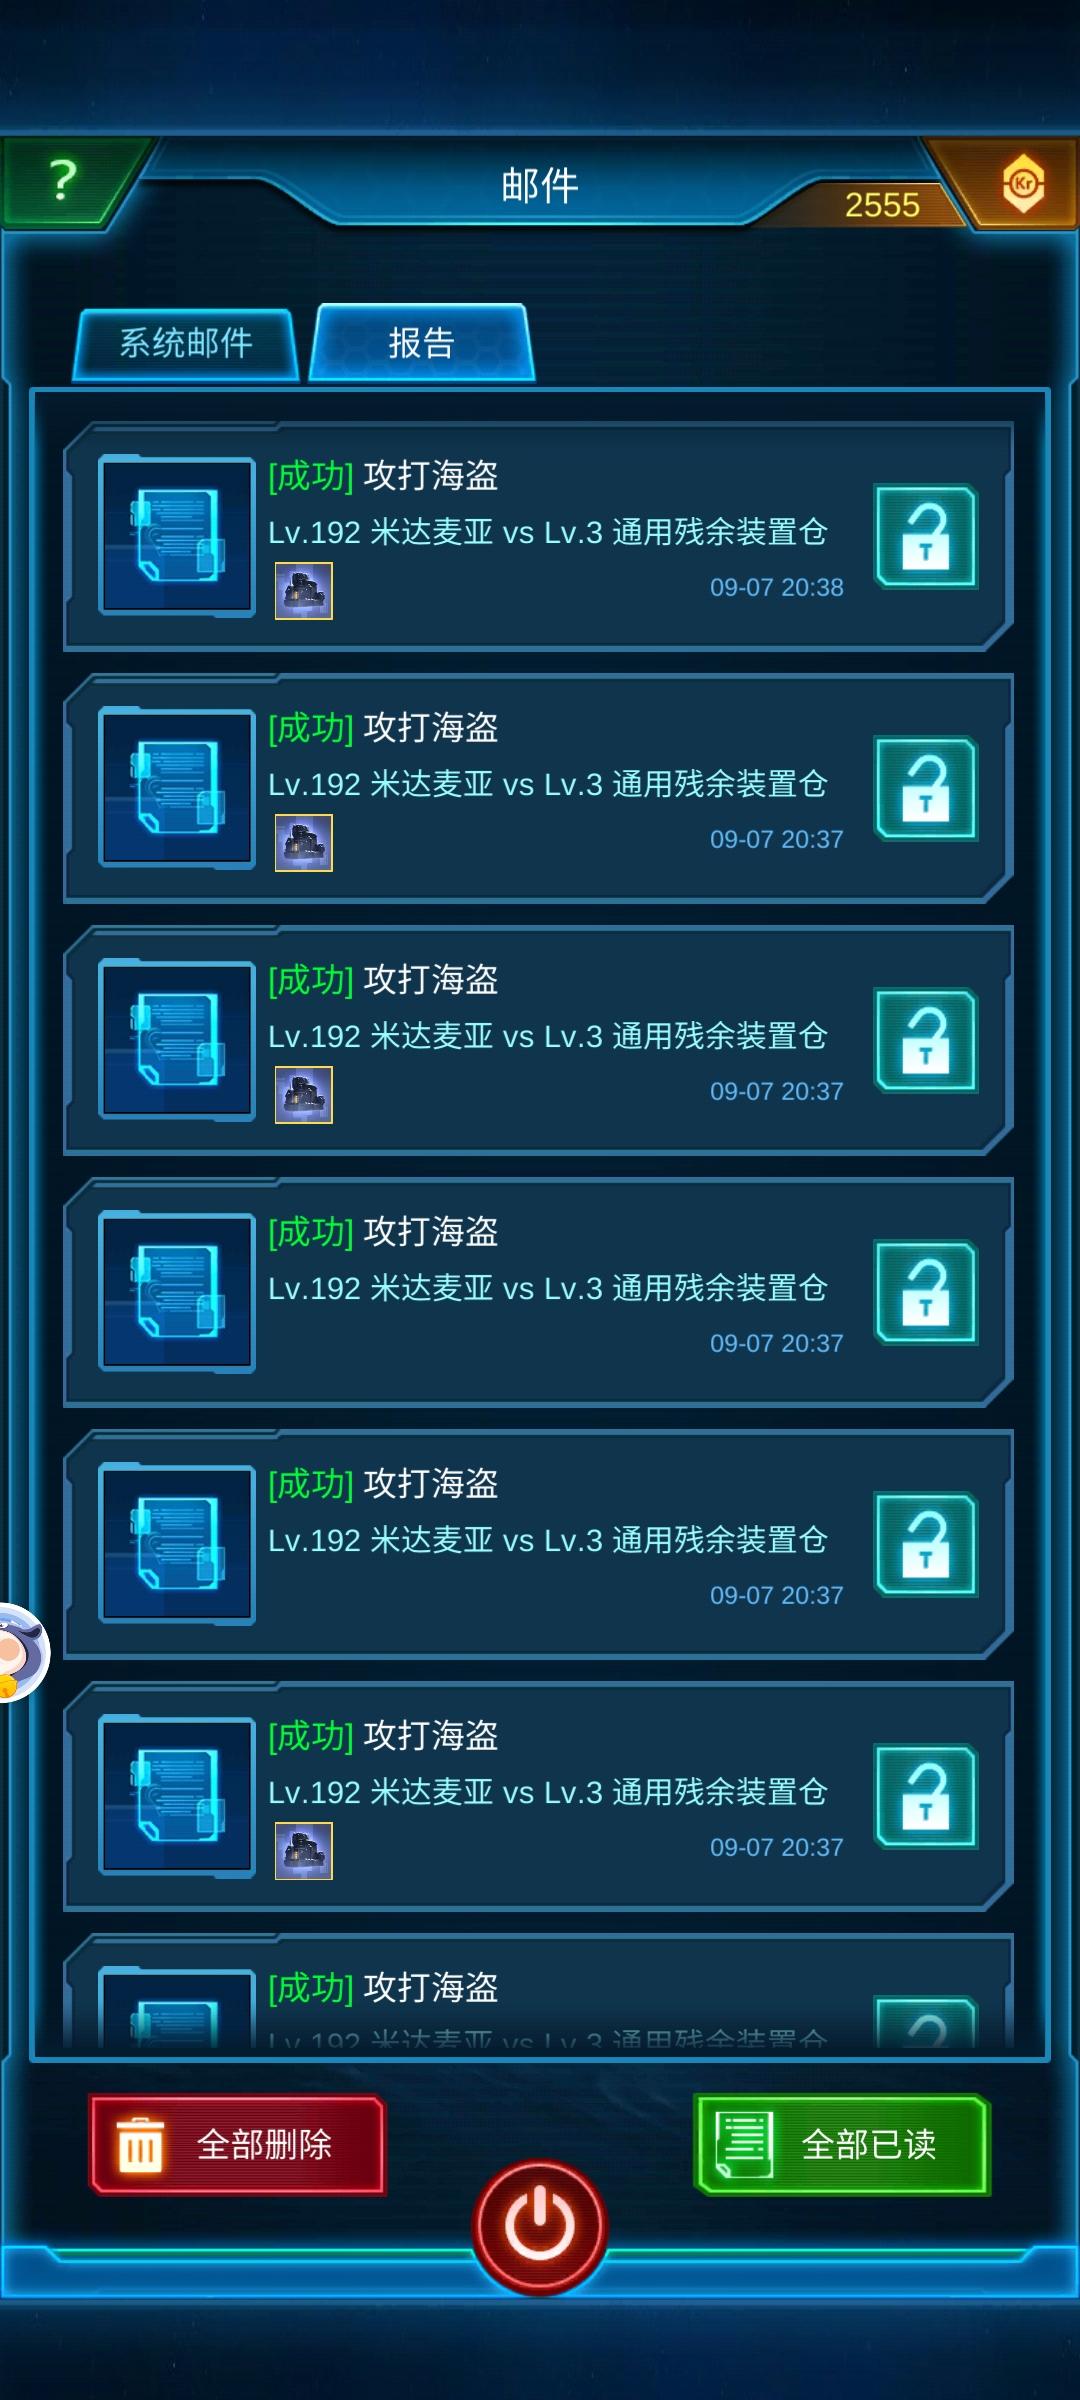 Screenshot_2021-09-07-20-39-18-519_com.yhzj.jedi..jpg